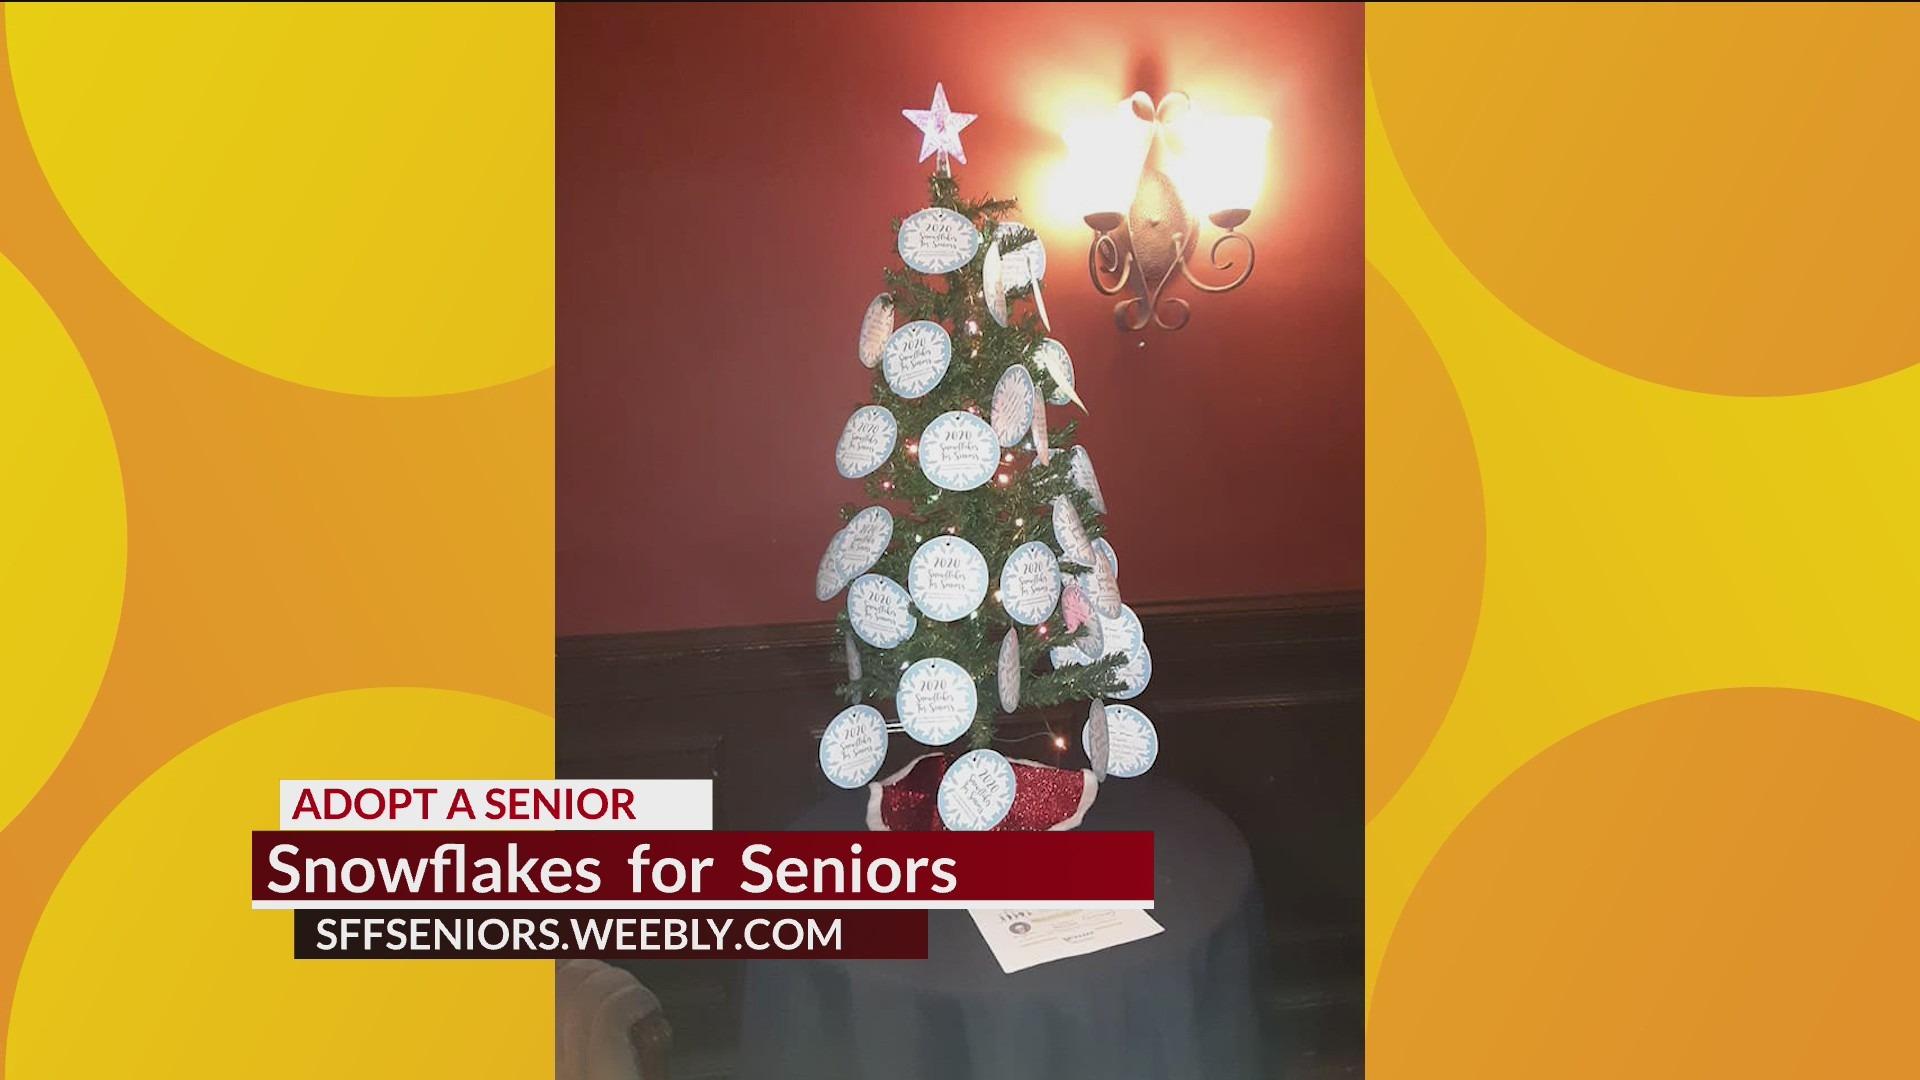 Snow Flakes for Seniors